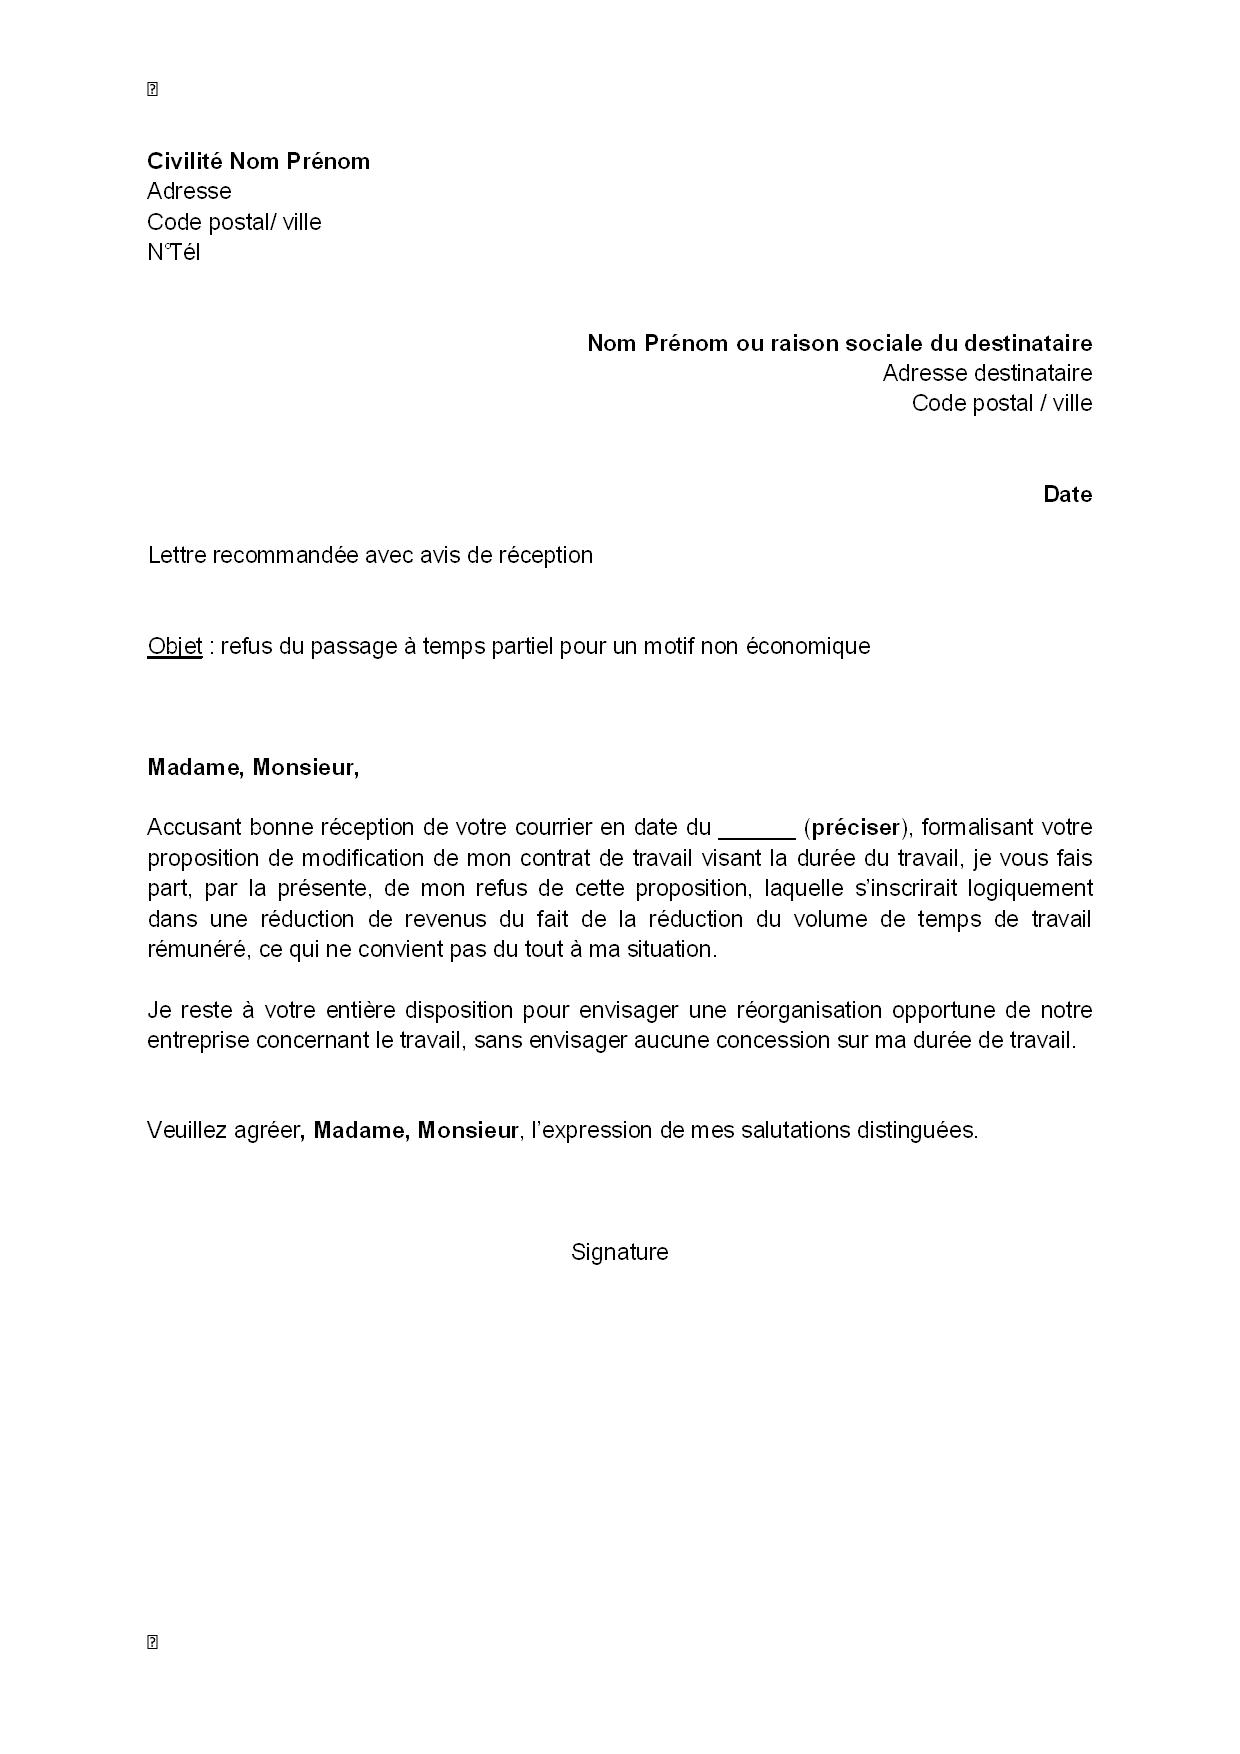 exemple gratuit de lettre refus  par salari u00e9  passage  u00e0